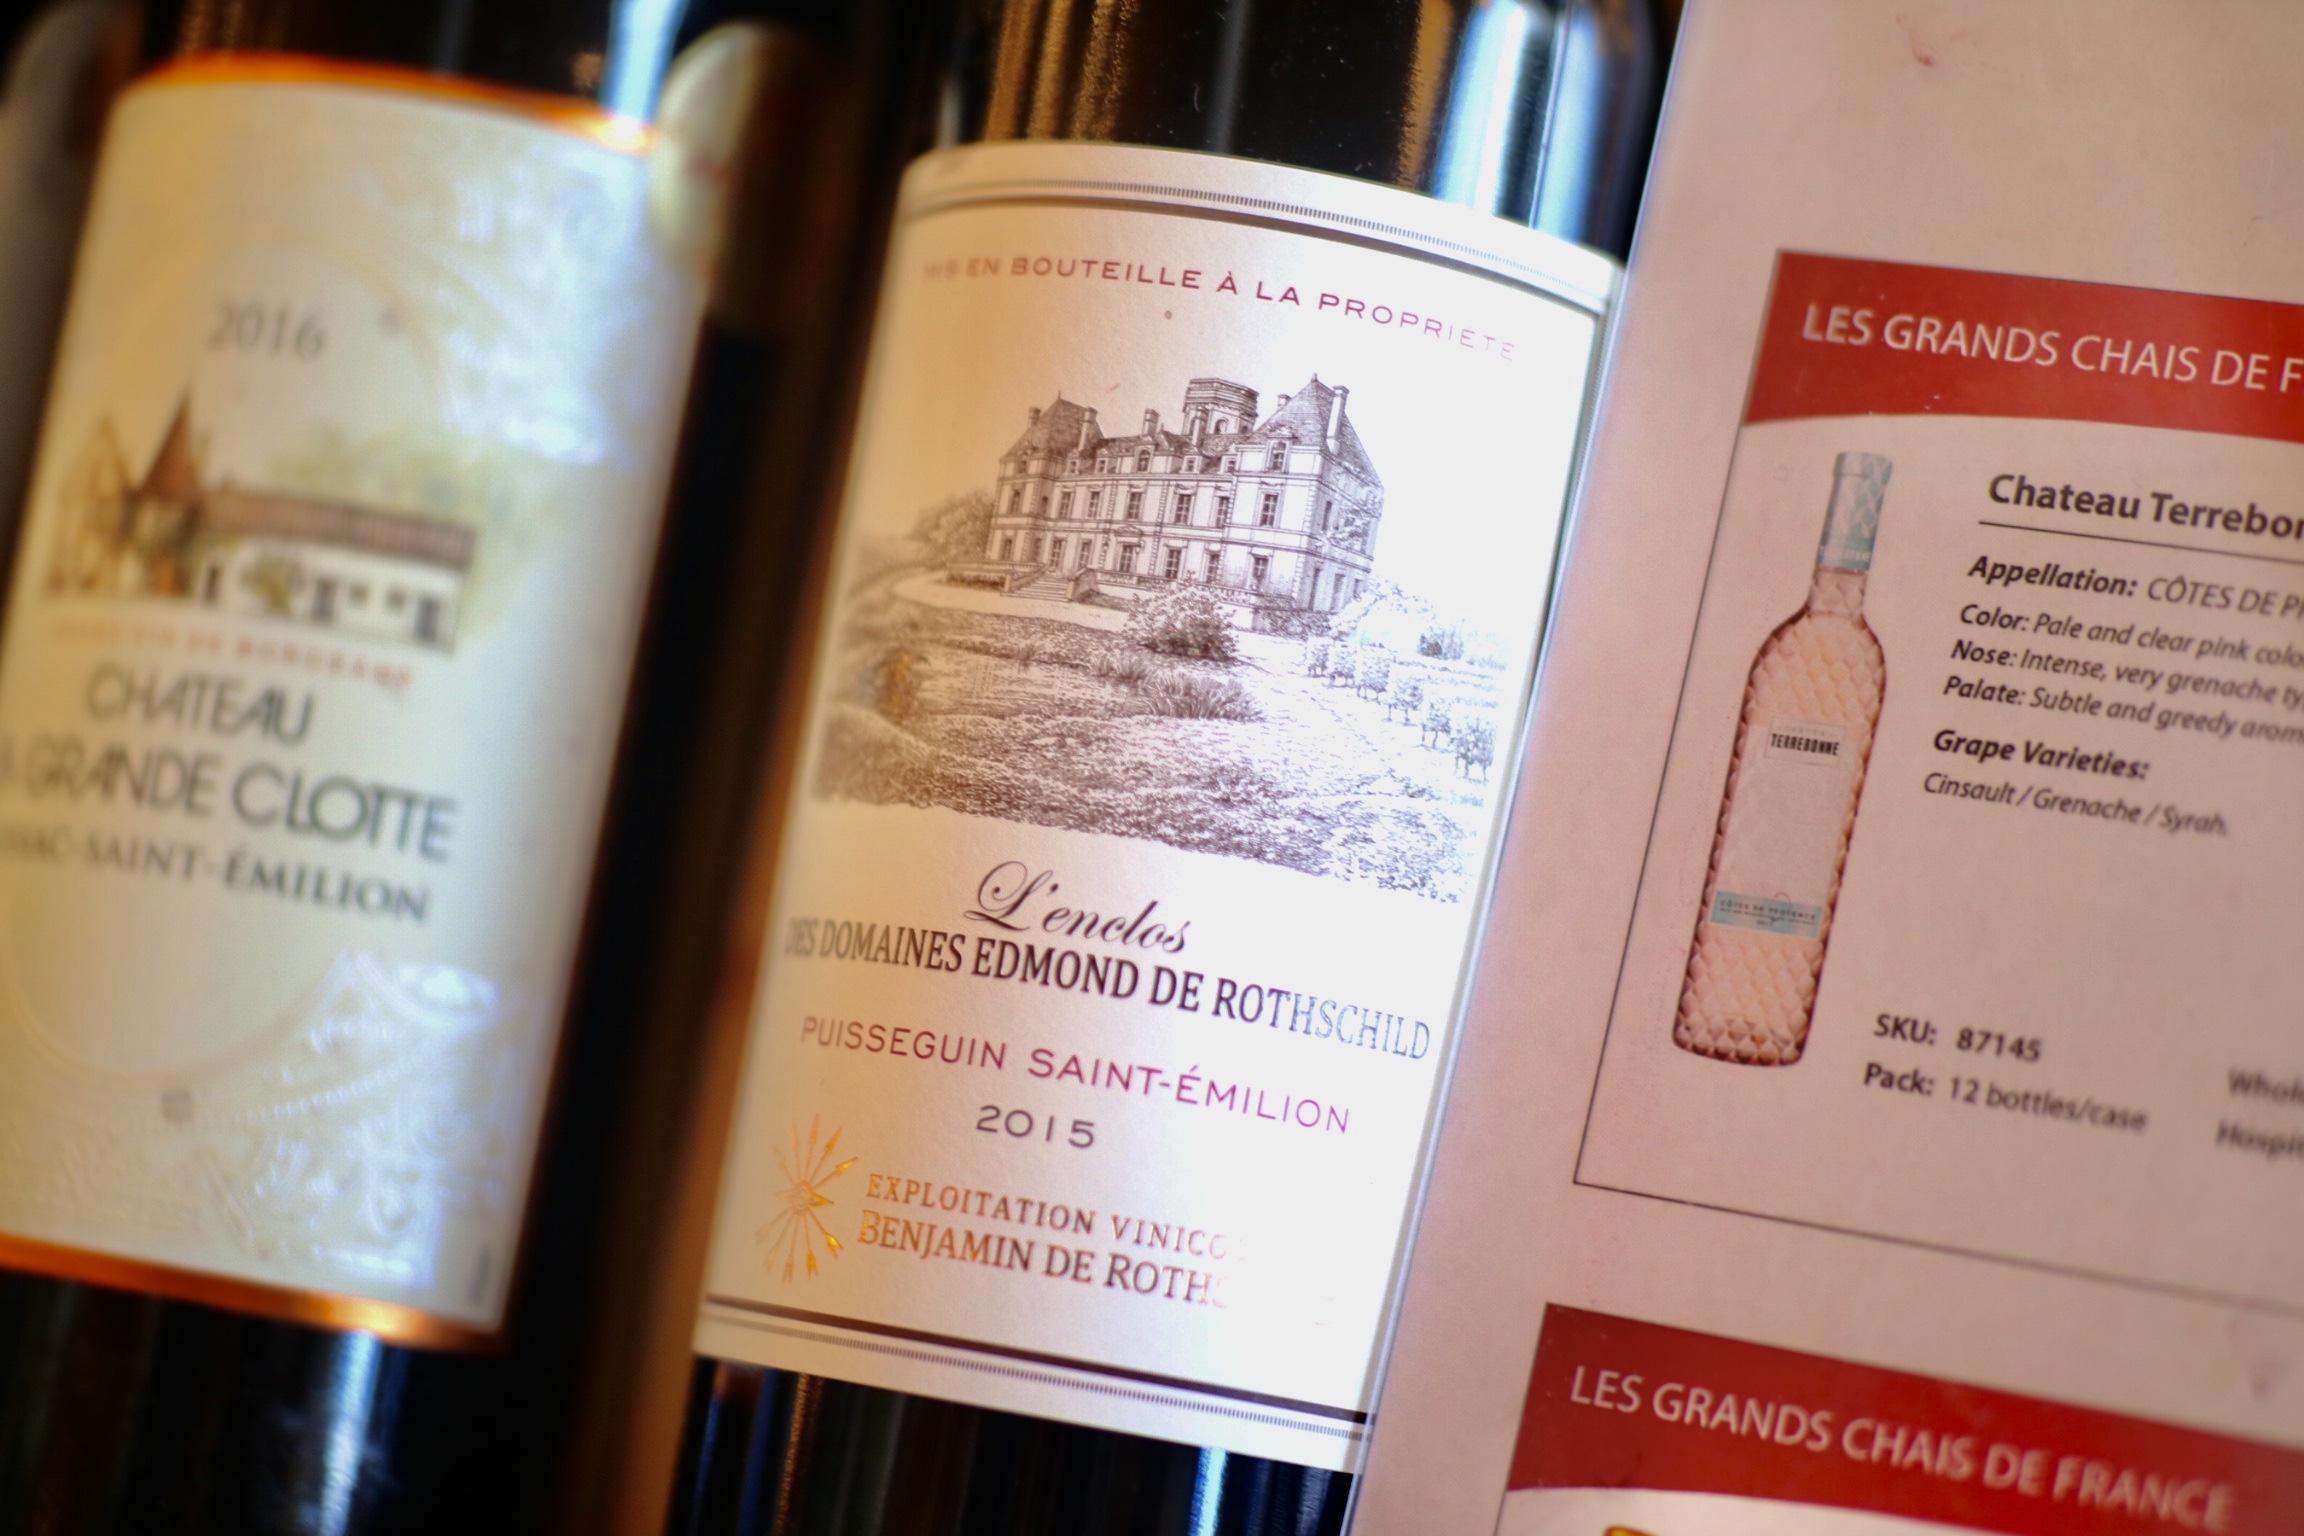 2015 L'Enclos des Domaines Edmond de Rothschild Puisseguin Saint-Émilion